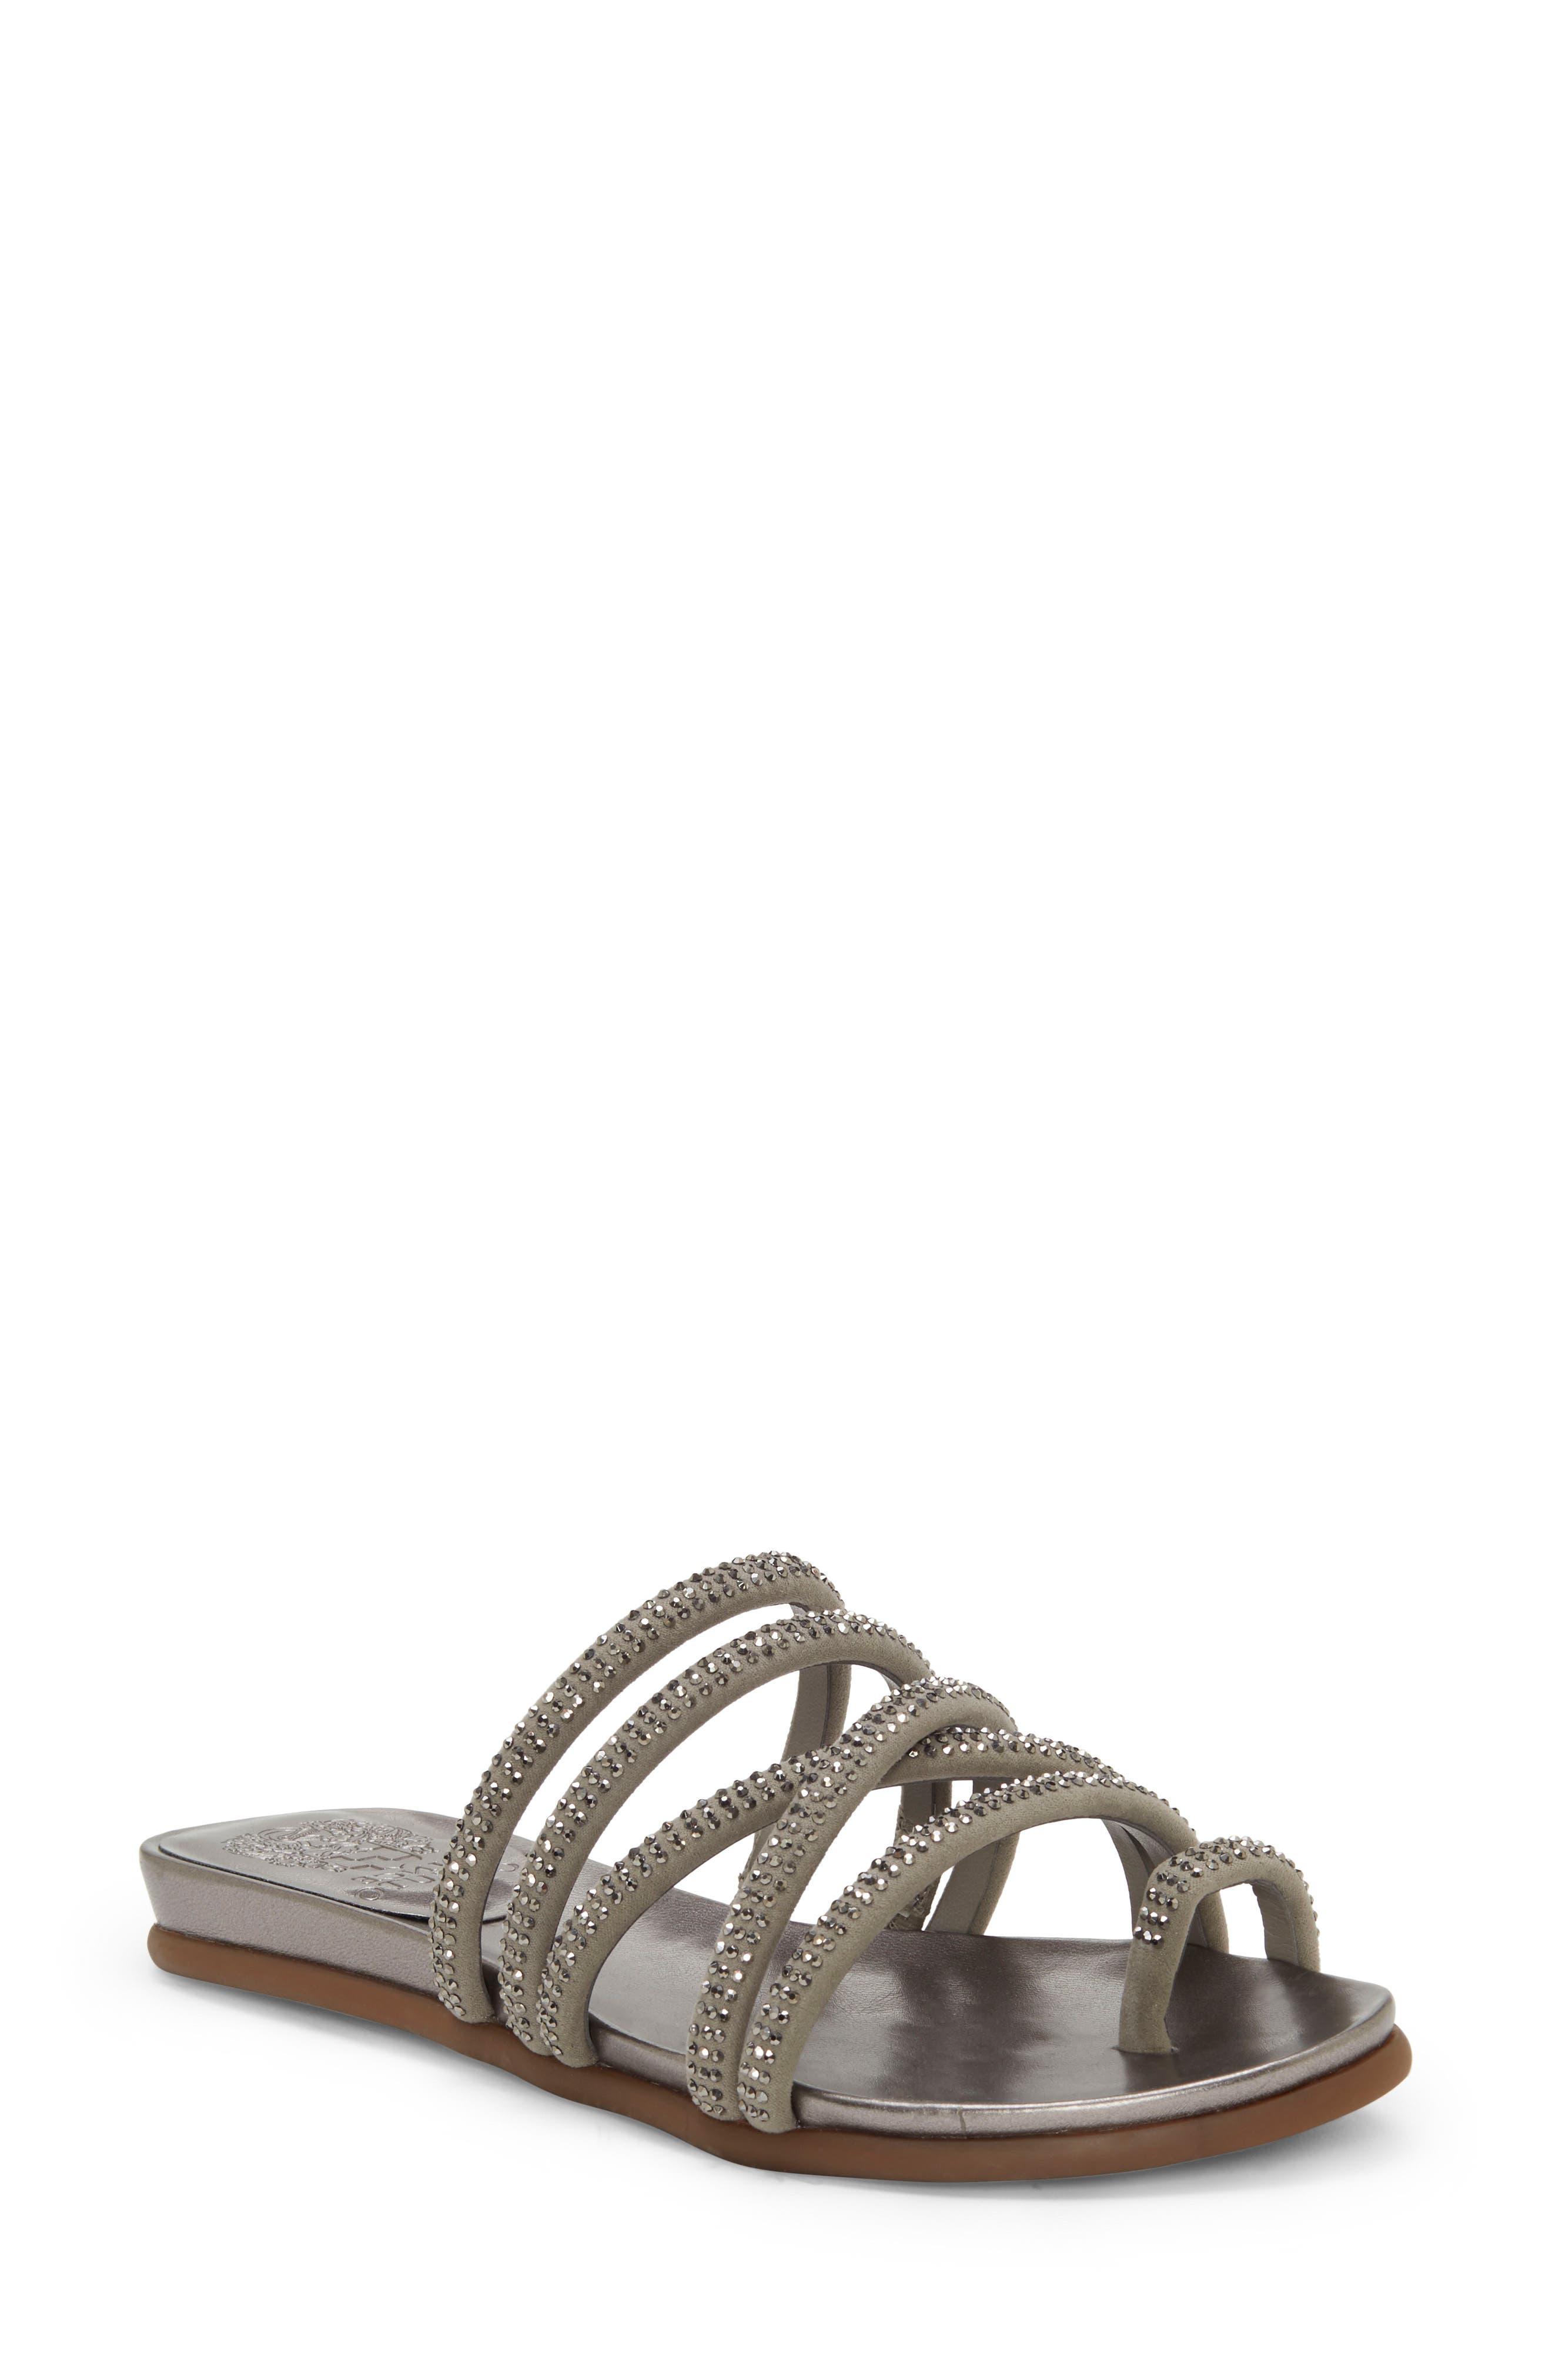 Vince Camuto Ezzina Crystal Embellished Slide Sandal, Grey